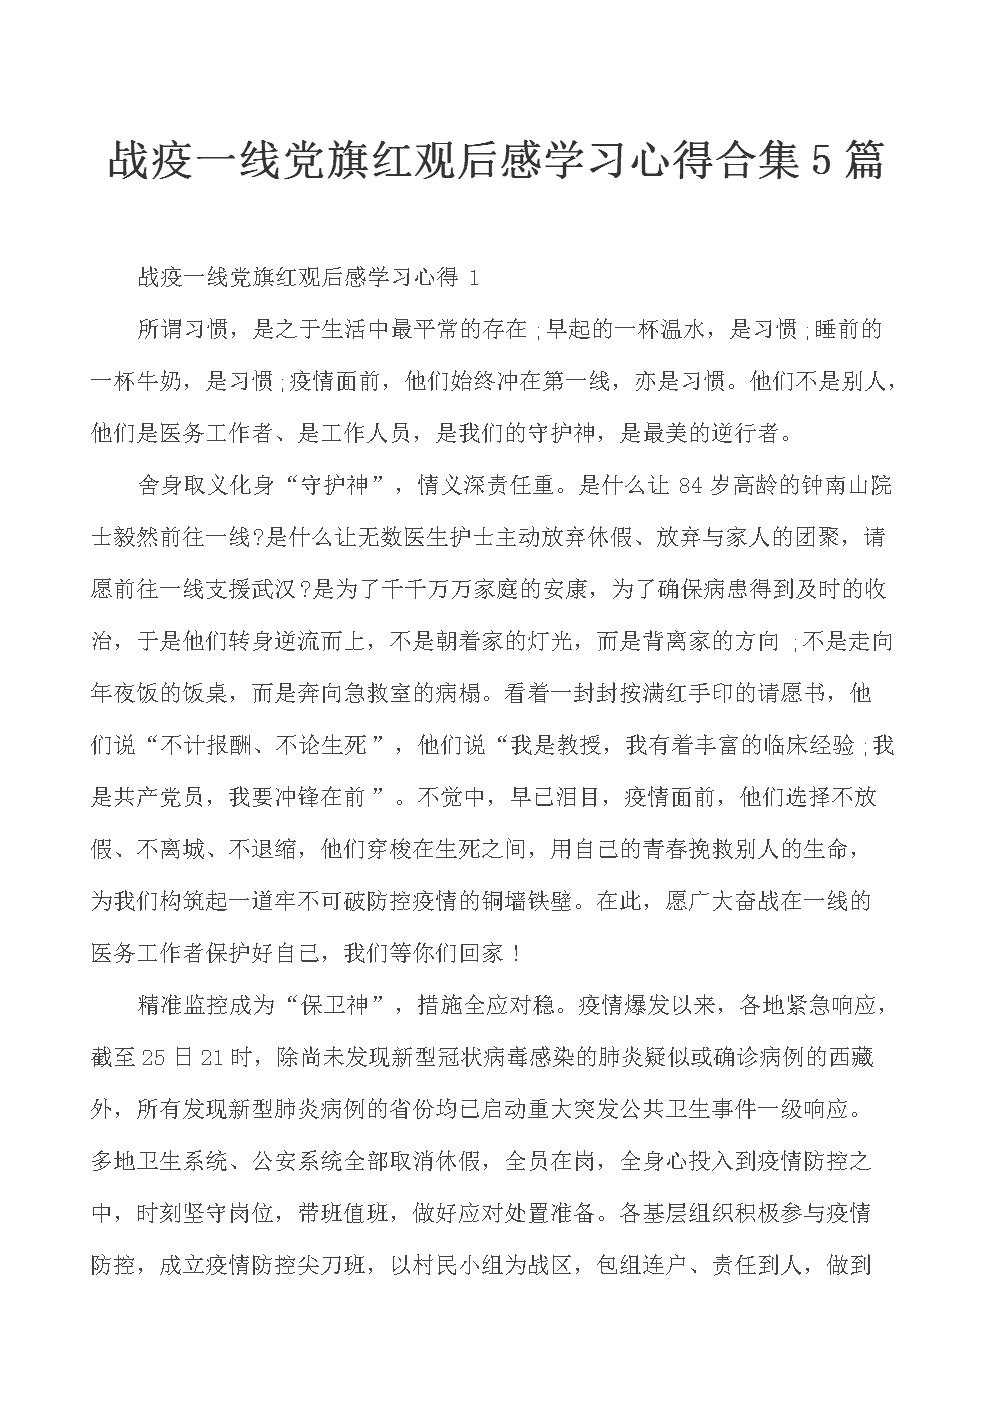 战疫一线党旗红观后感学习心得合集5篇.docx